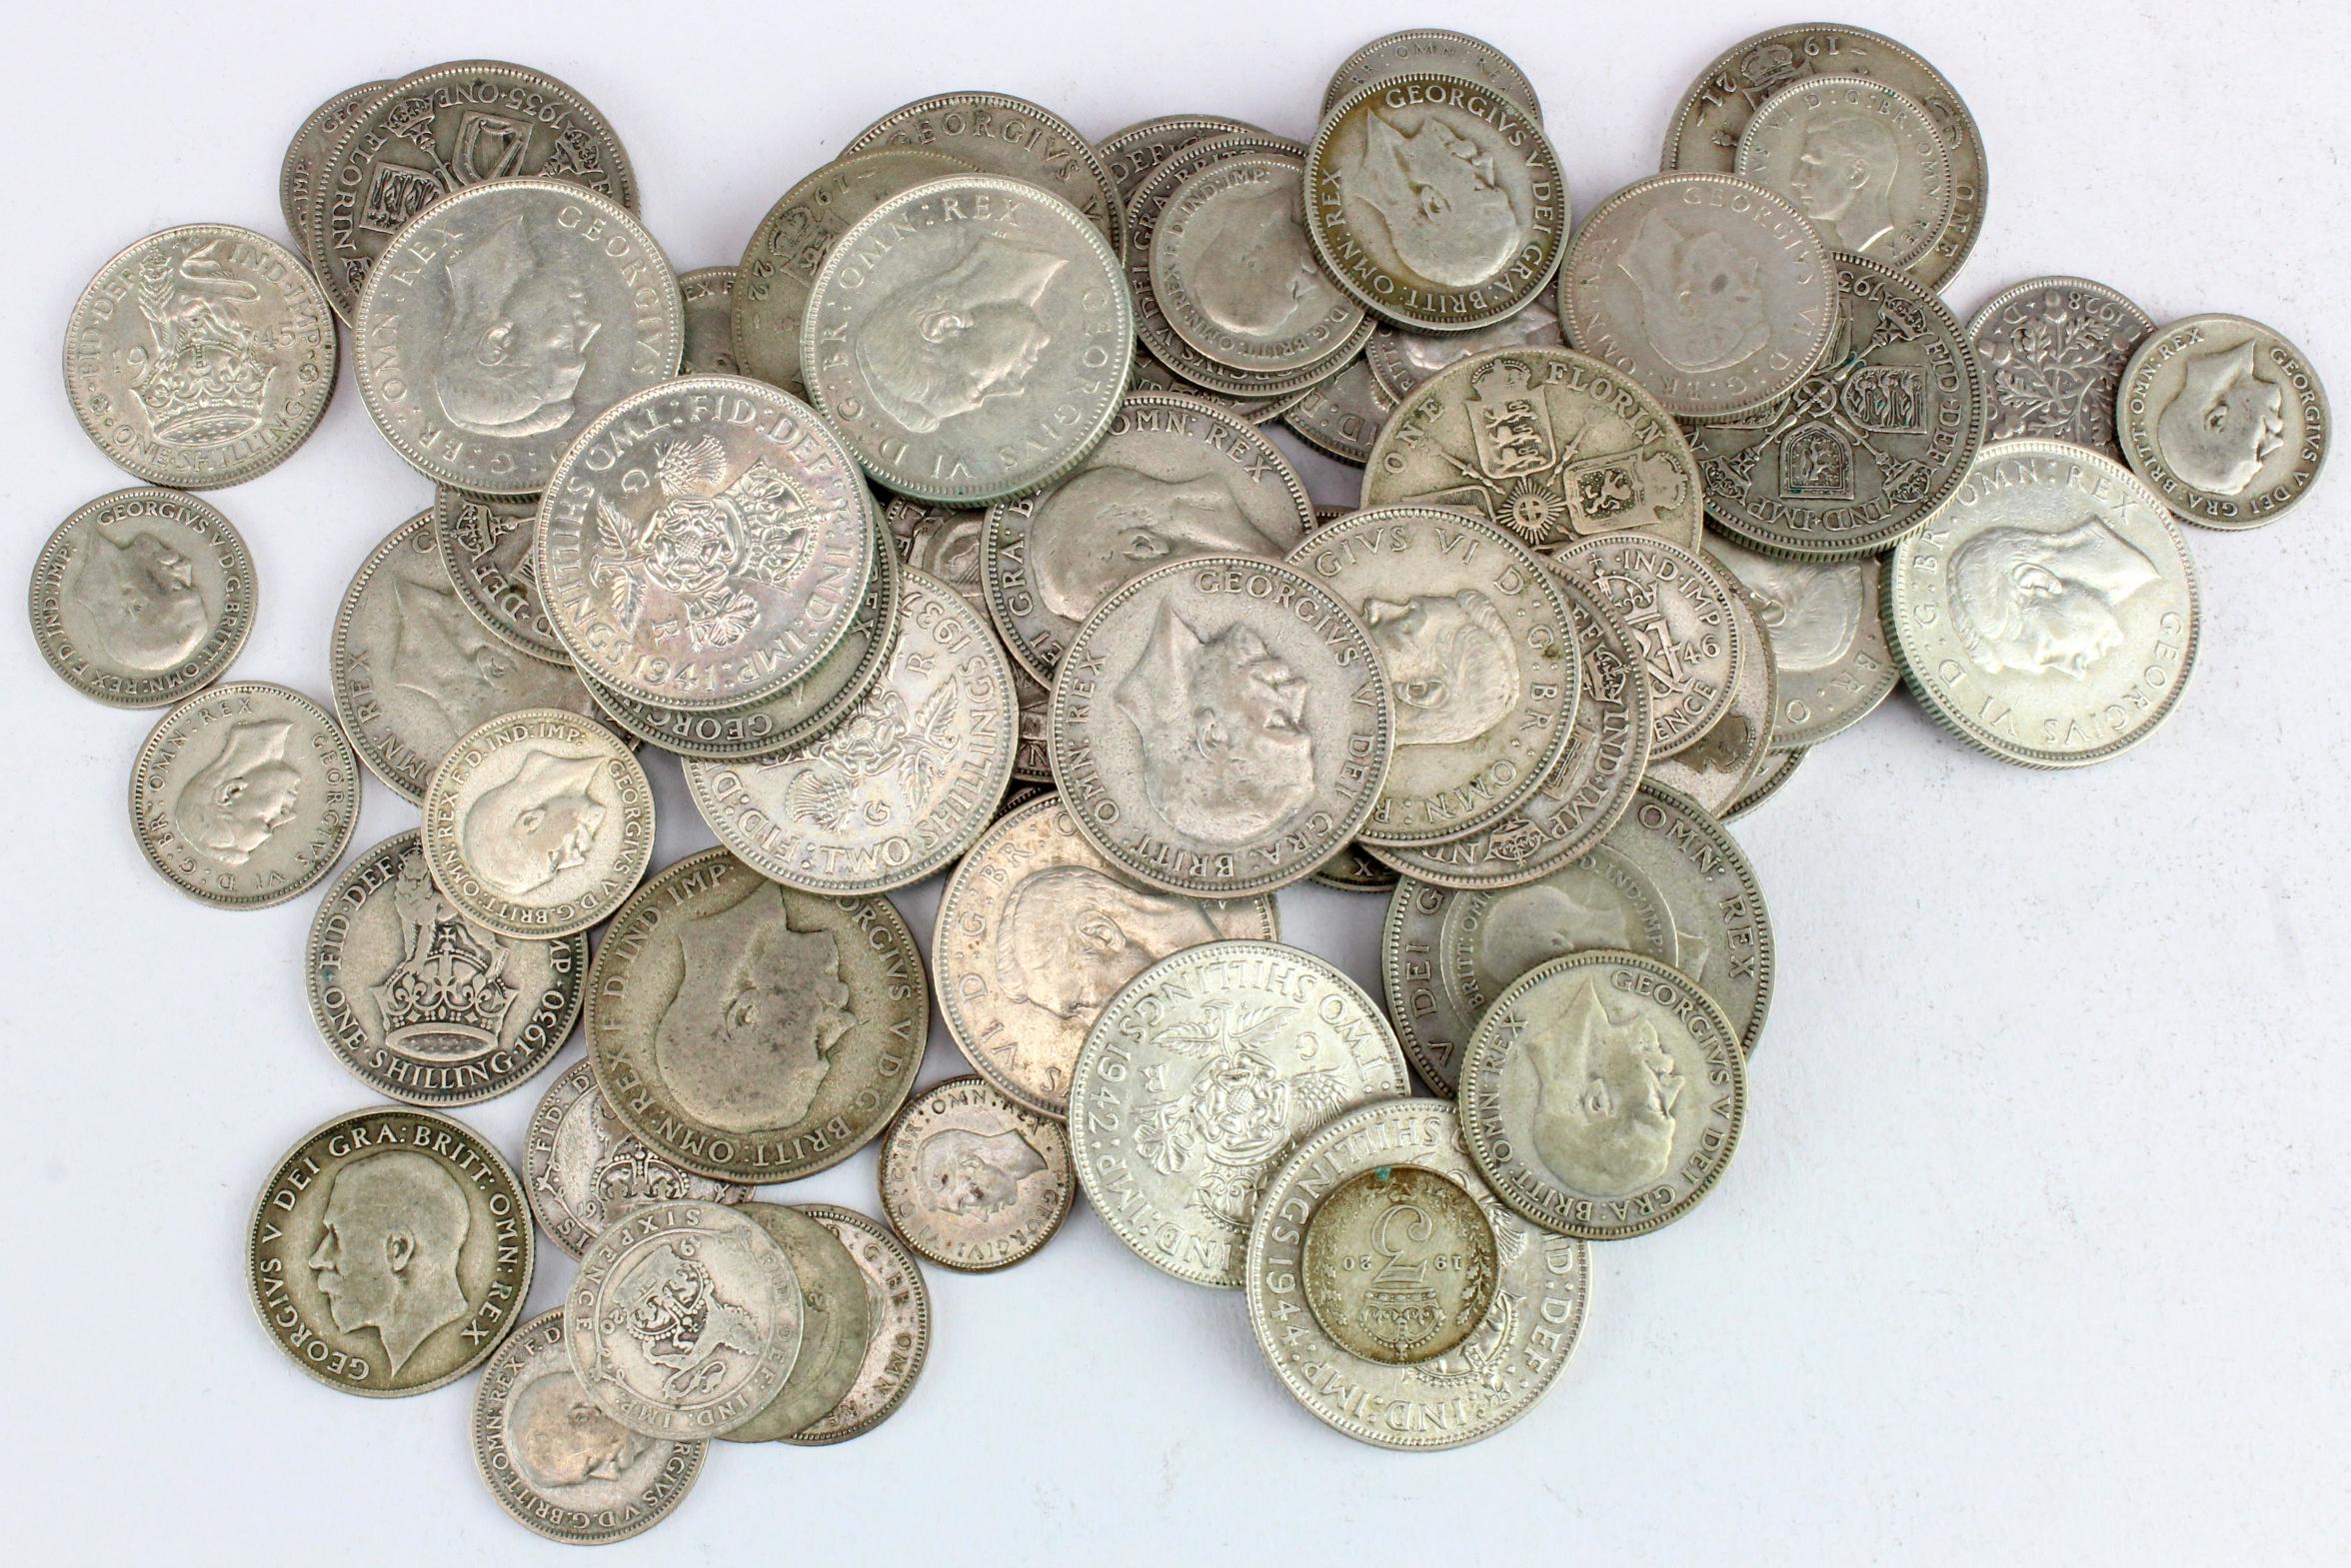 GB Pre-1947 Silver Coins 473.7g